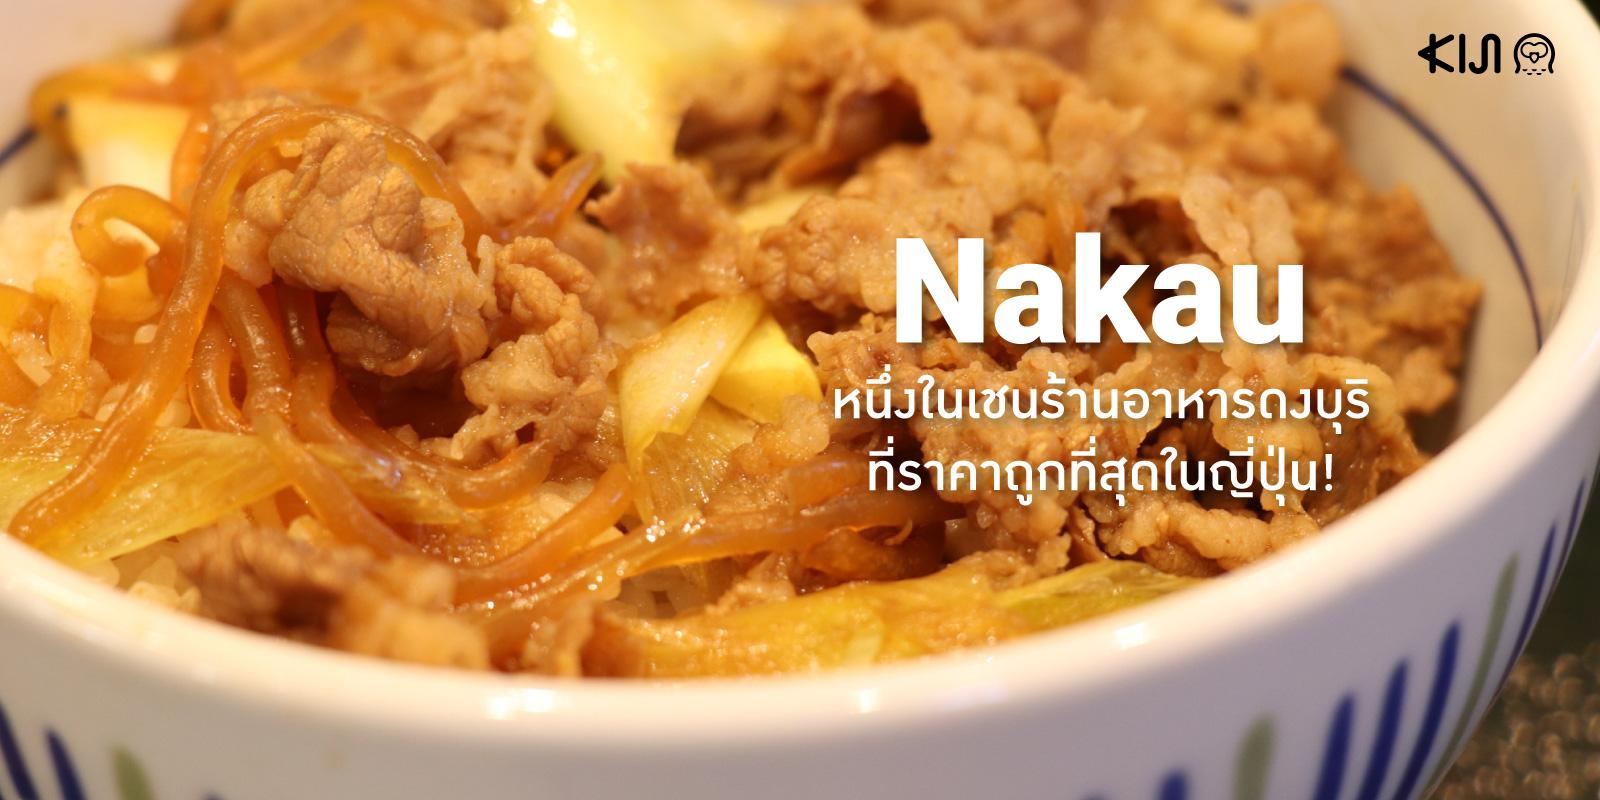 Nakau หนึ่งในเชนร้านอาหารดงบุริที่ราคาถูกที่สุดในญี่ปุ่น